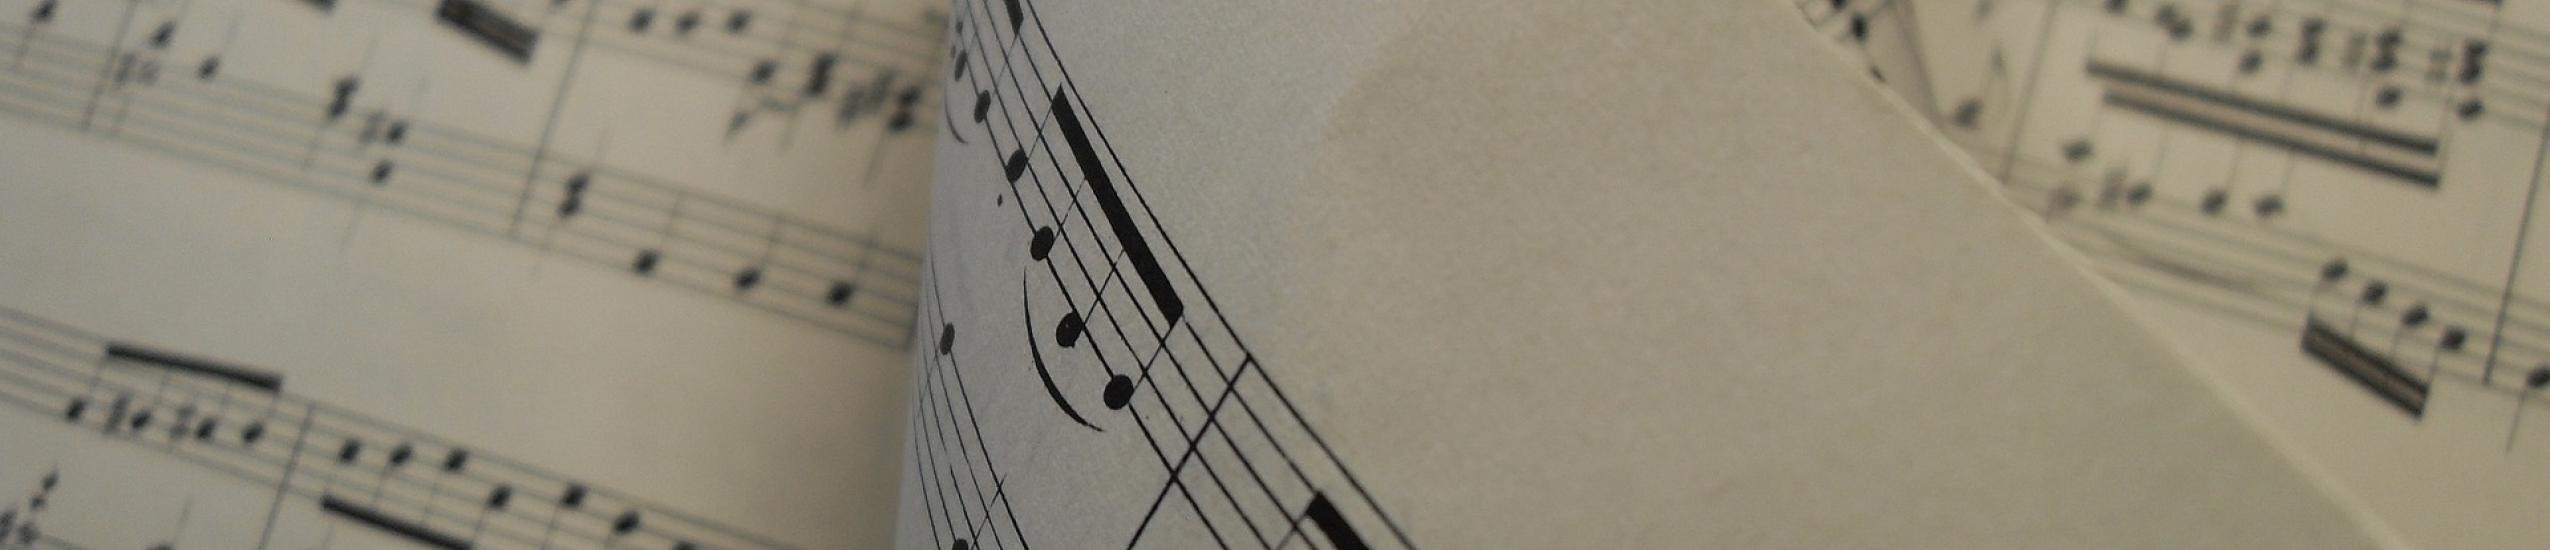 Liceo Musicale e Coreutico - Musicale